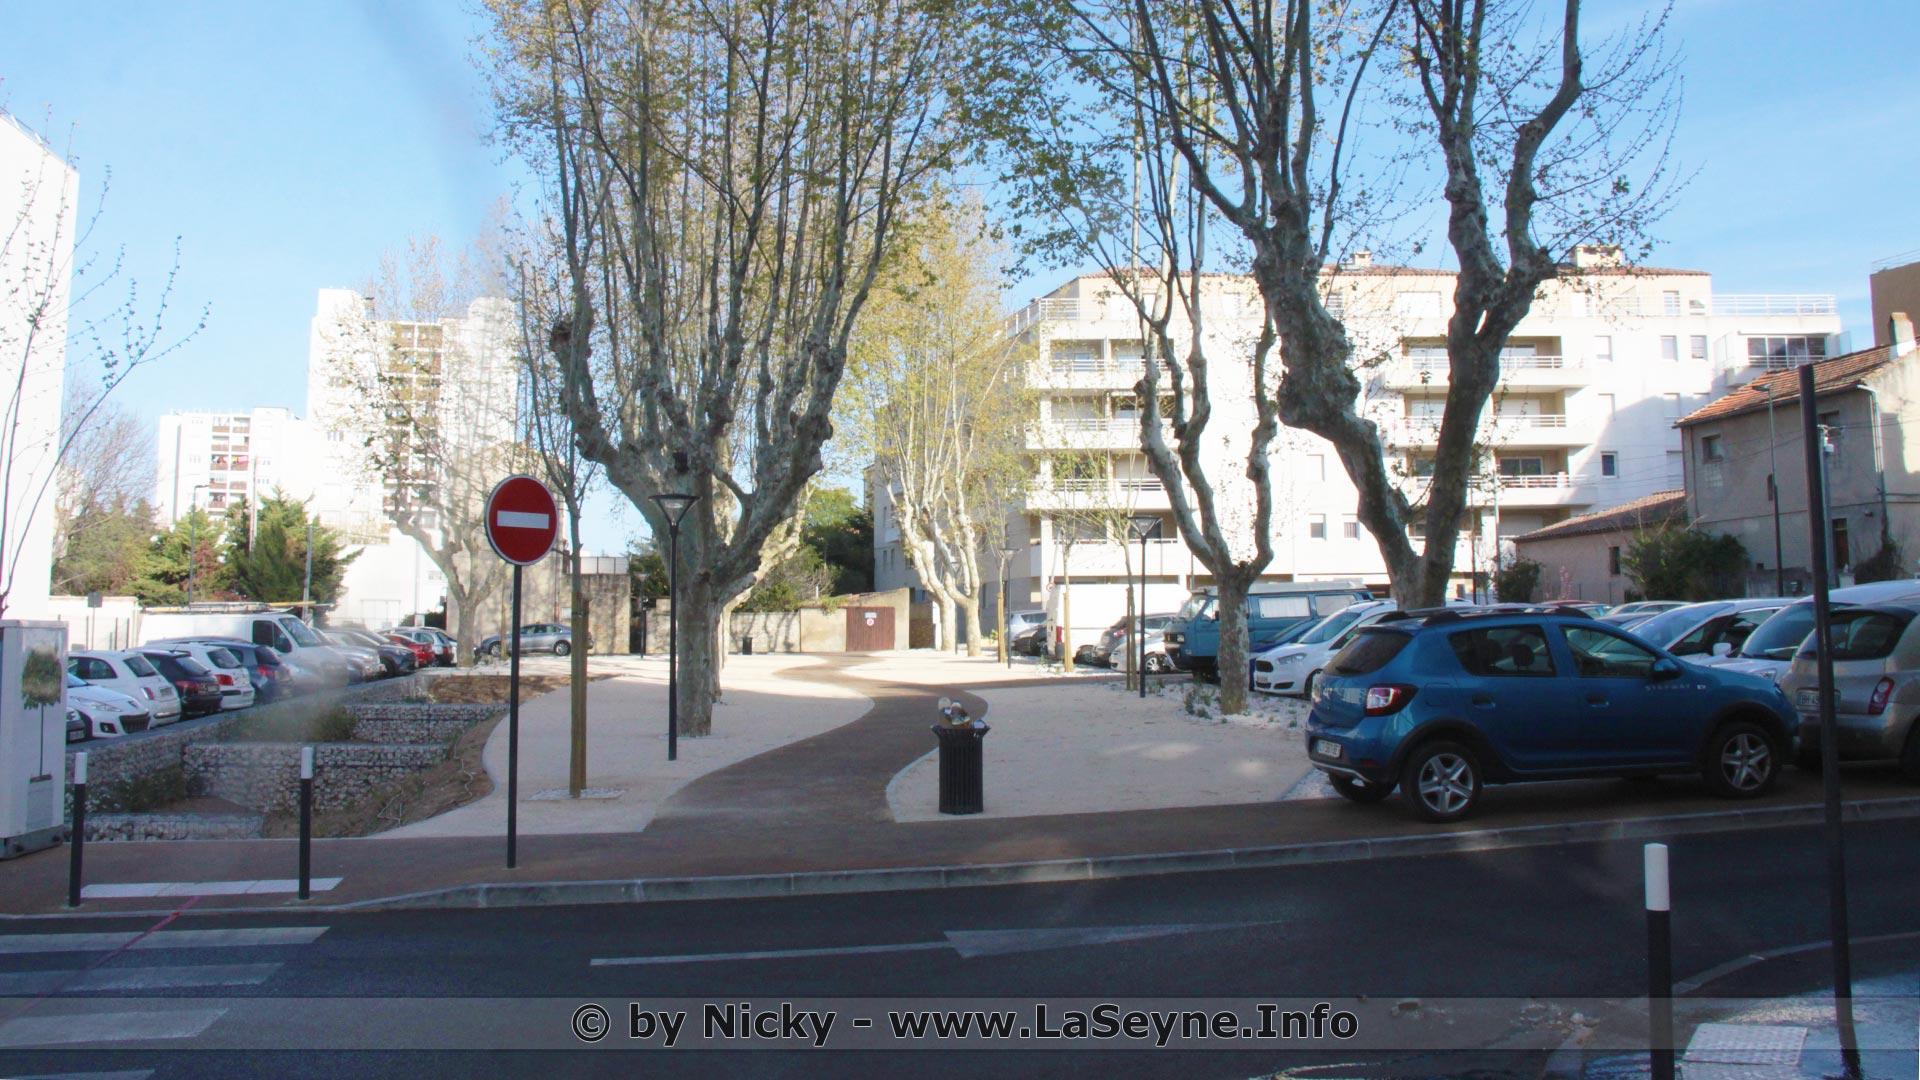 Place Albert Camus à La Seyne sur Mer, le 31/03/2019